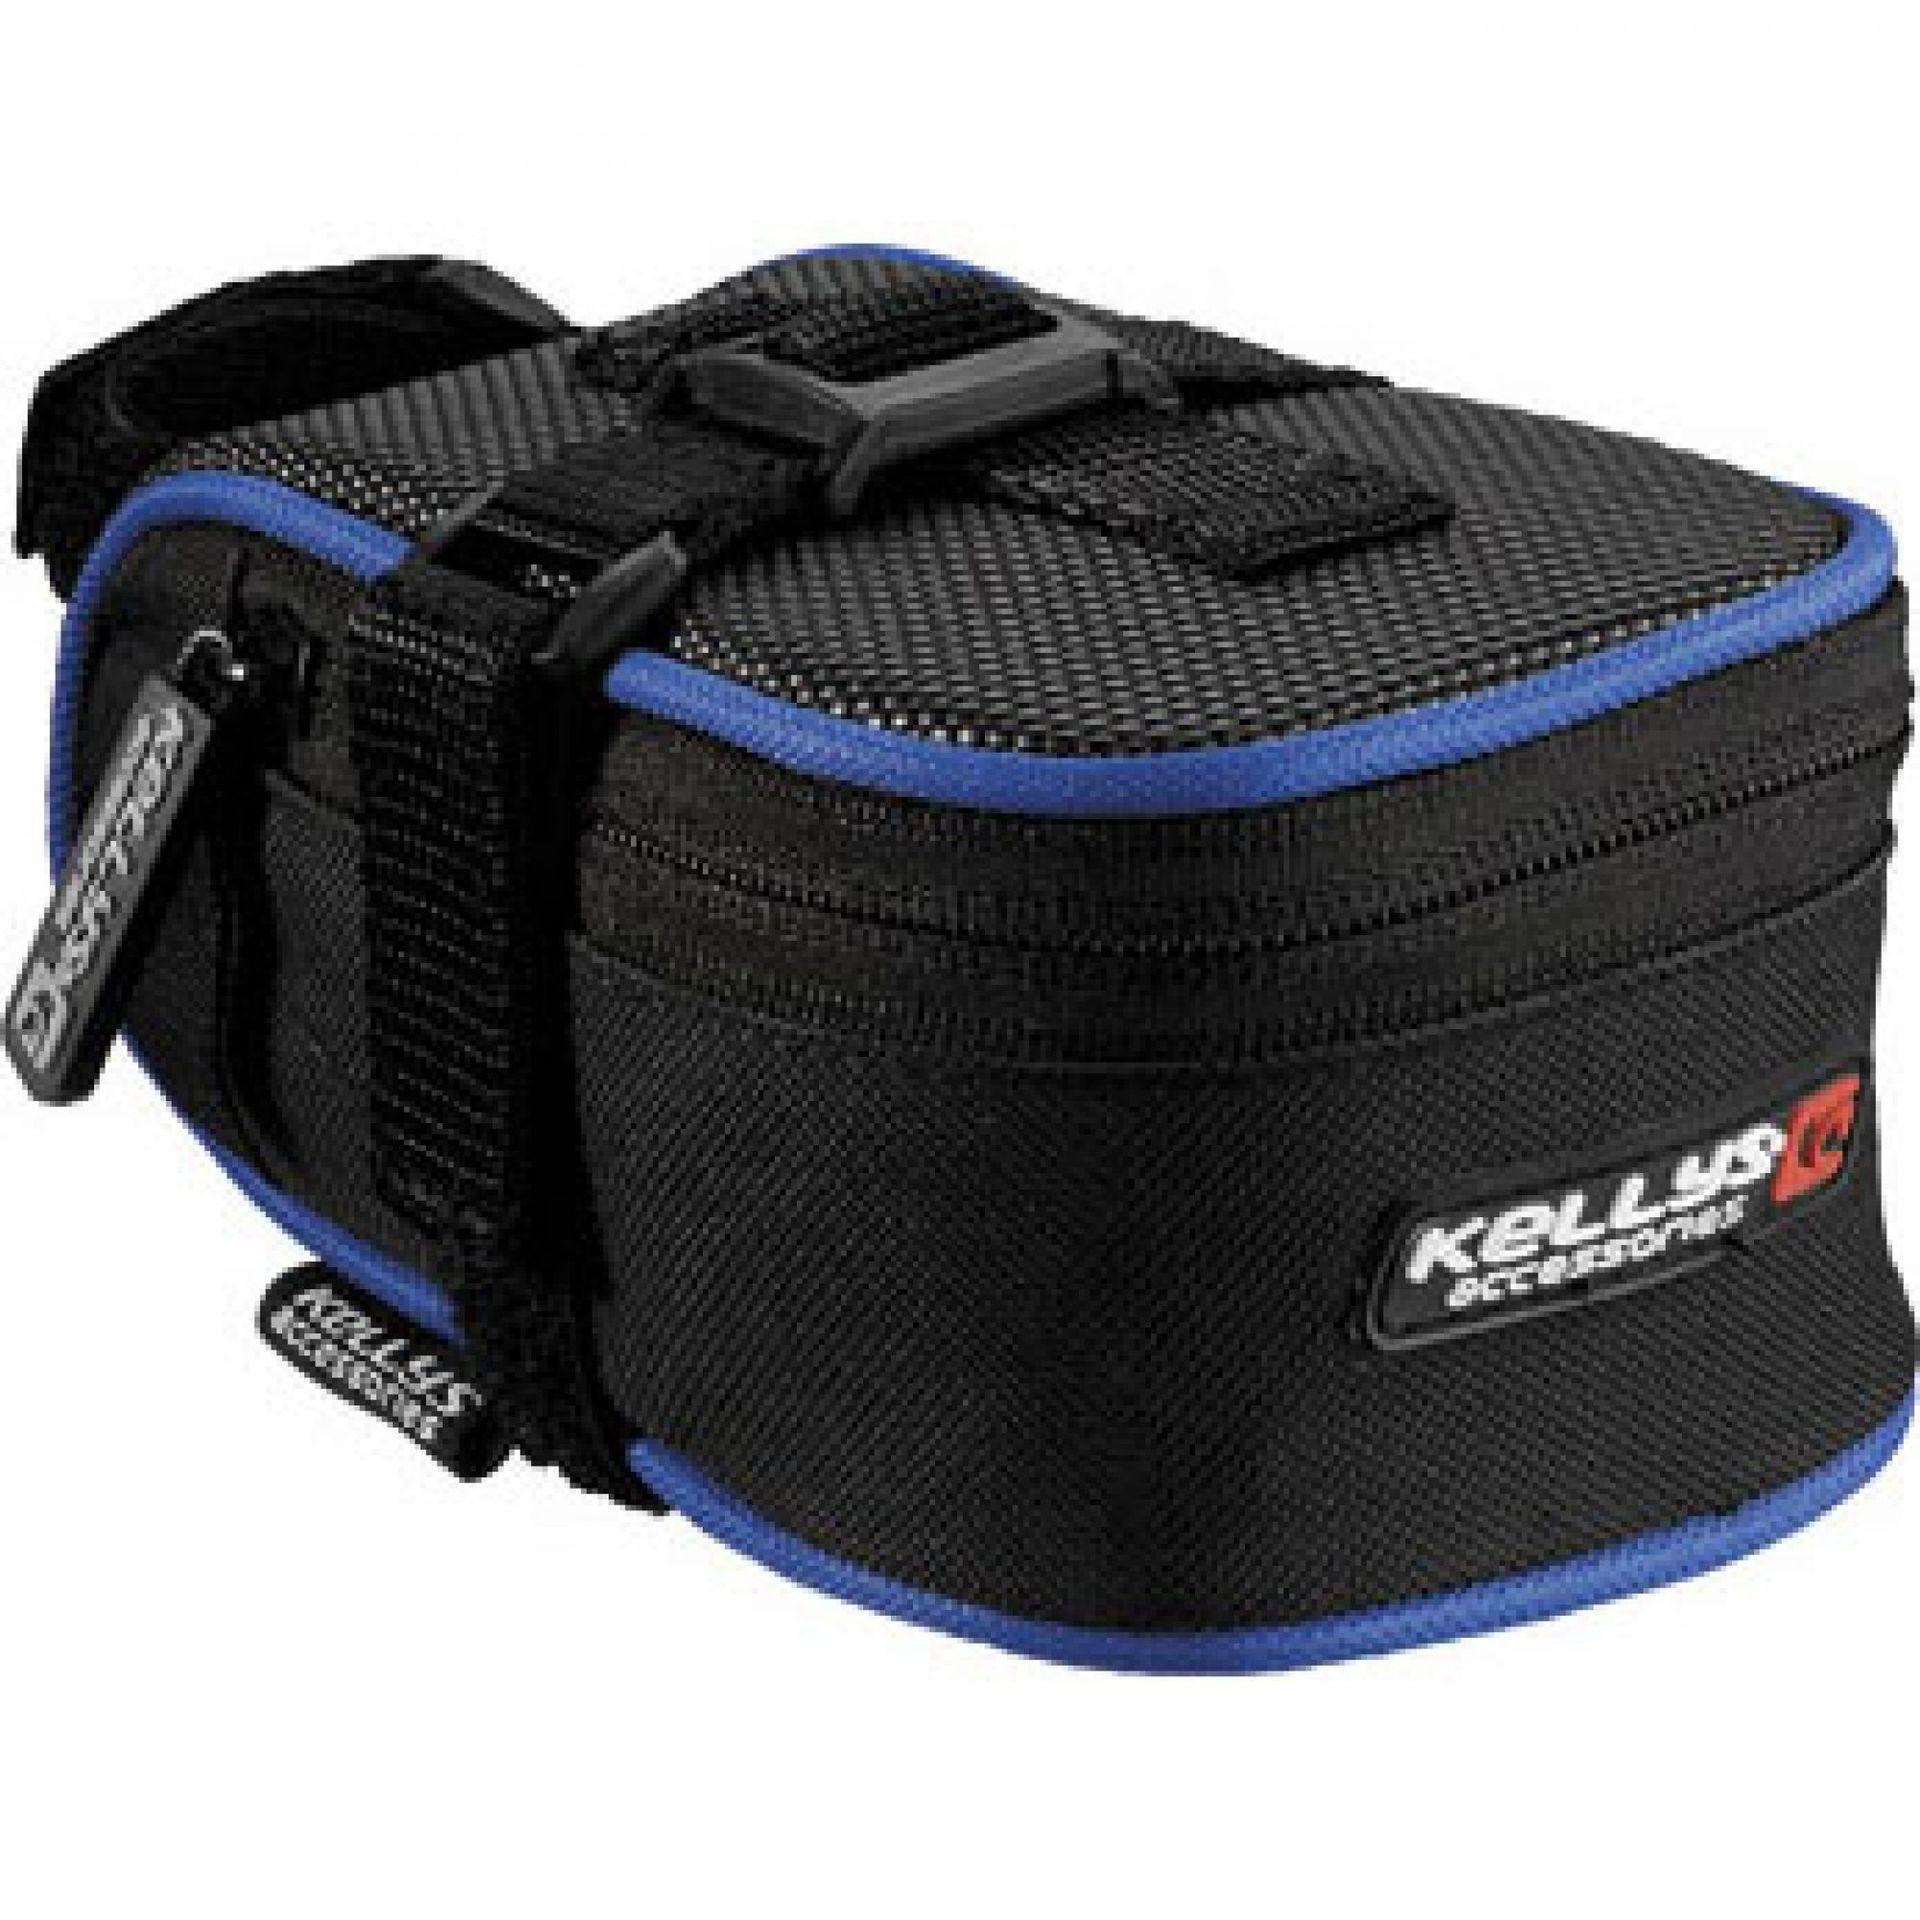 Torba podiodłowa Kellys Bomb czarny|niebieski